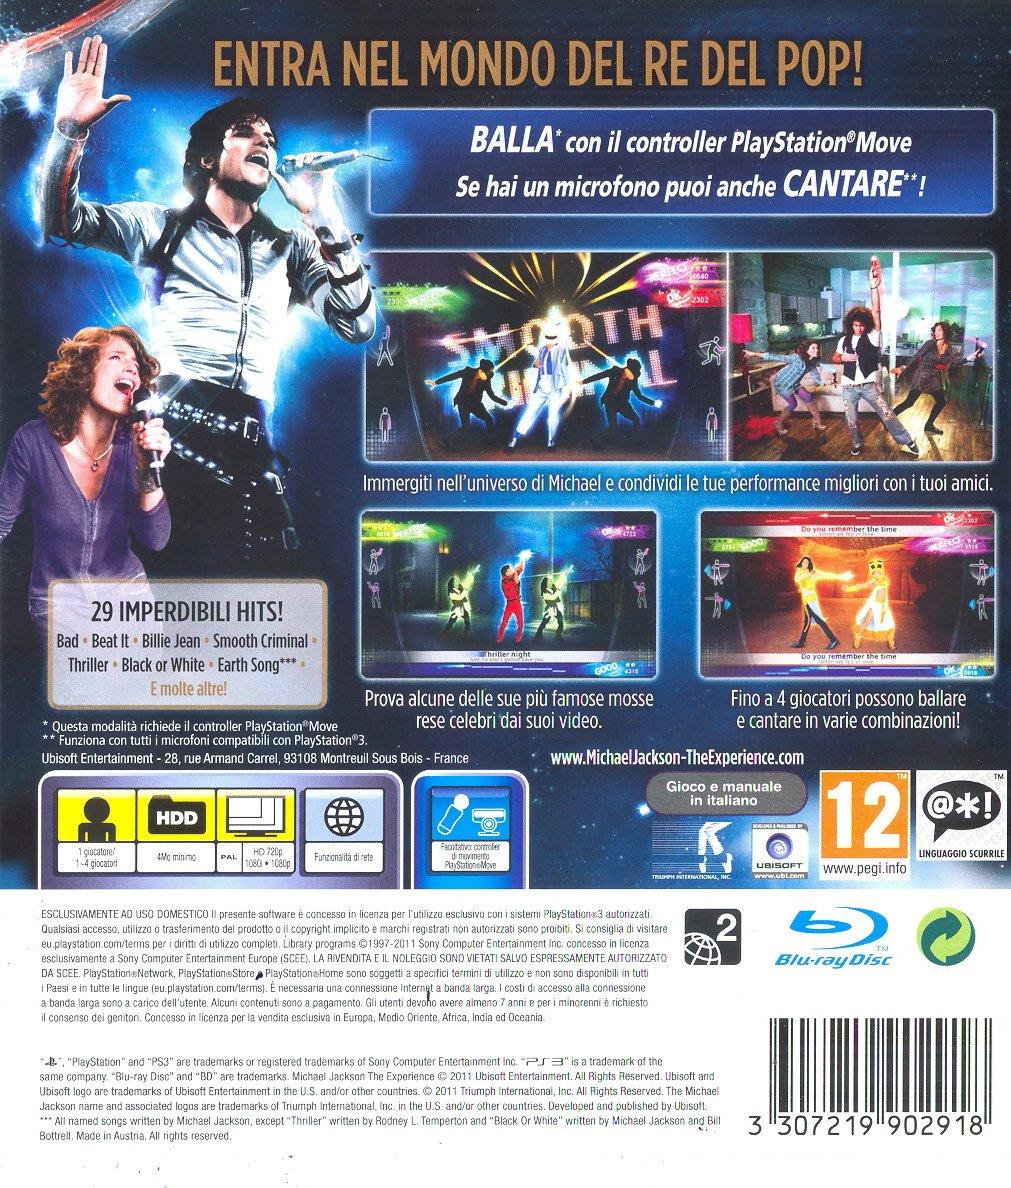 Michael Jackson The Experience [Importación italiana]: Amazon.es: Videojuegos